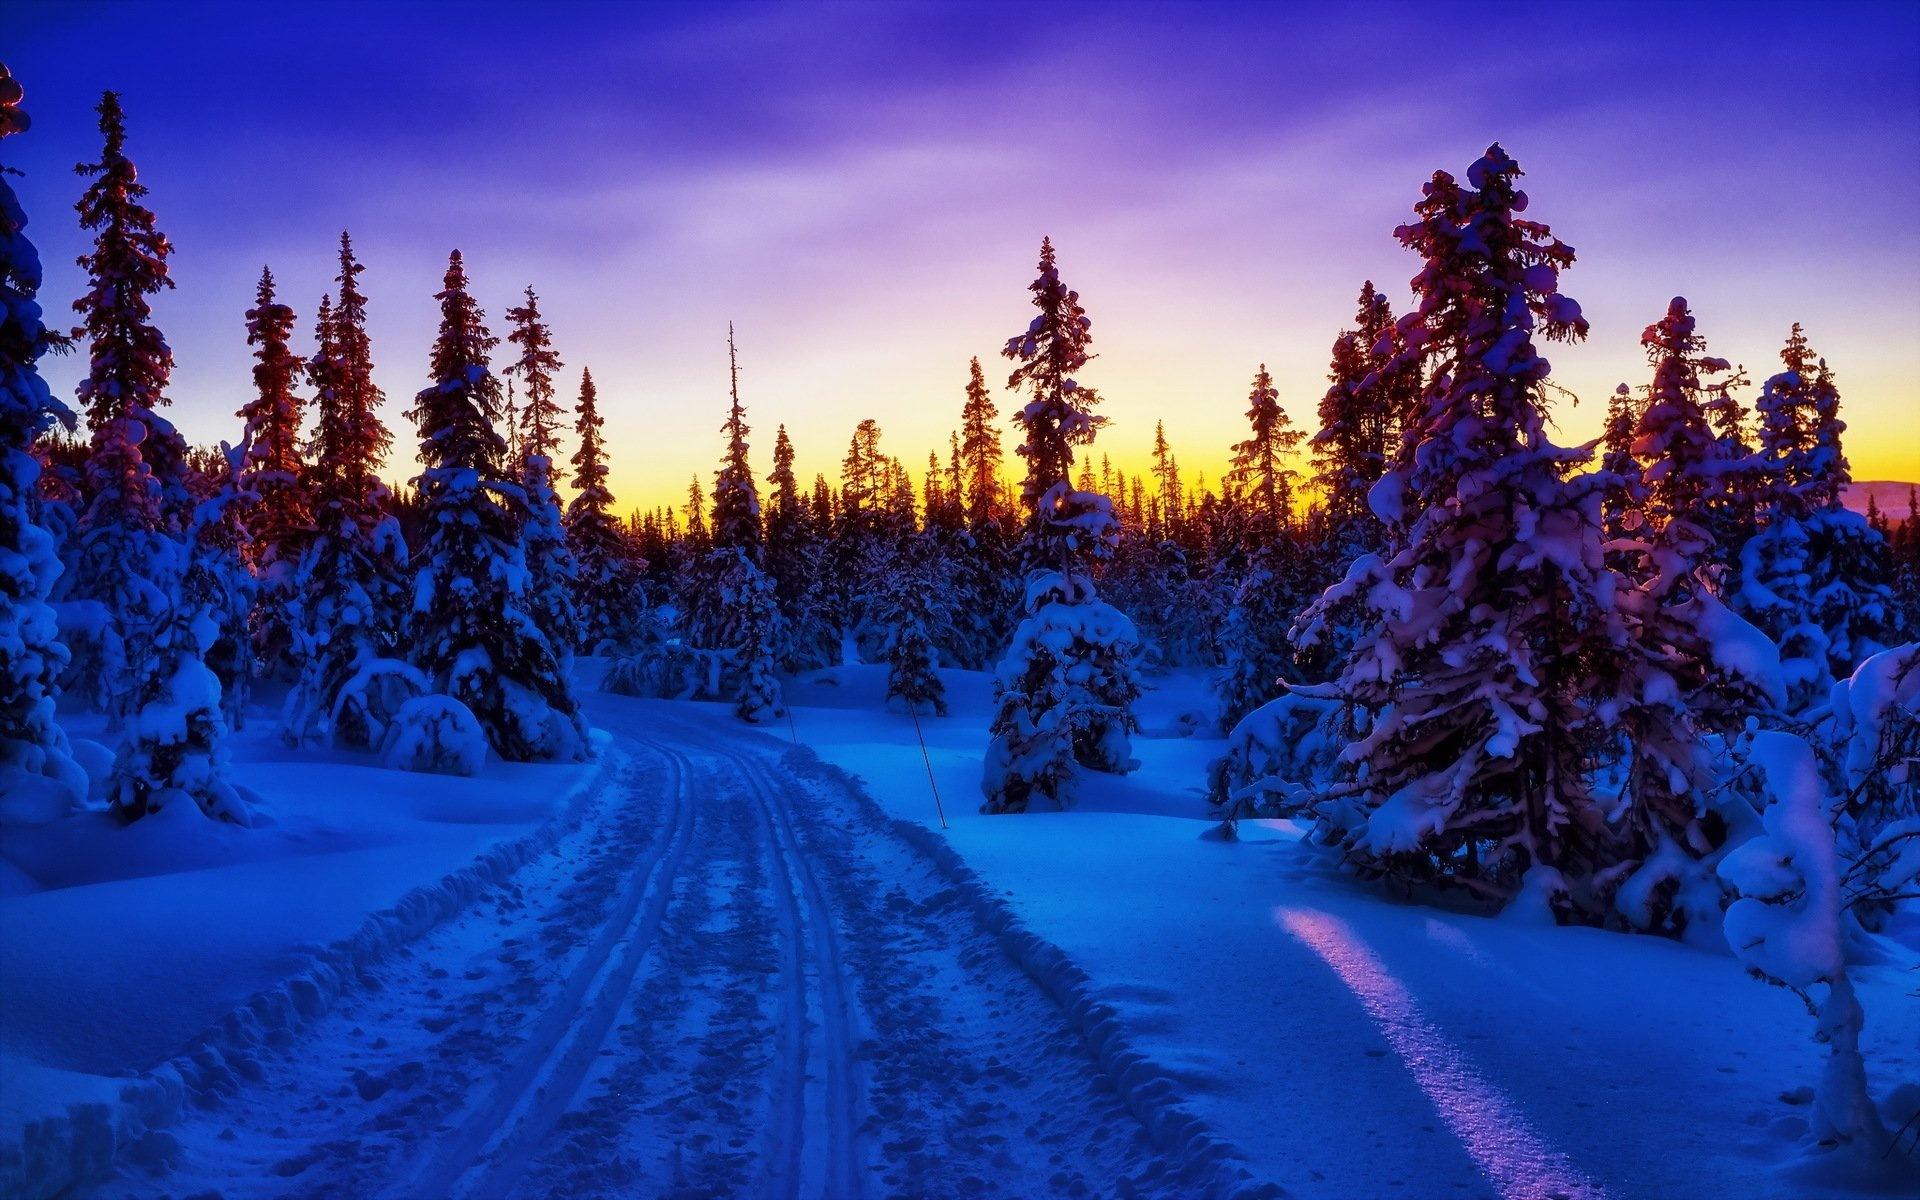 картинки нав рабочий стол зима цветной